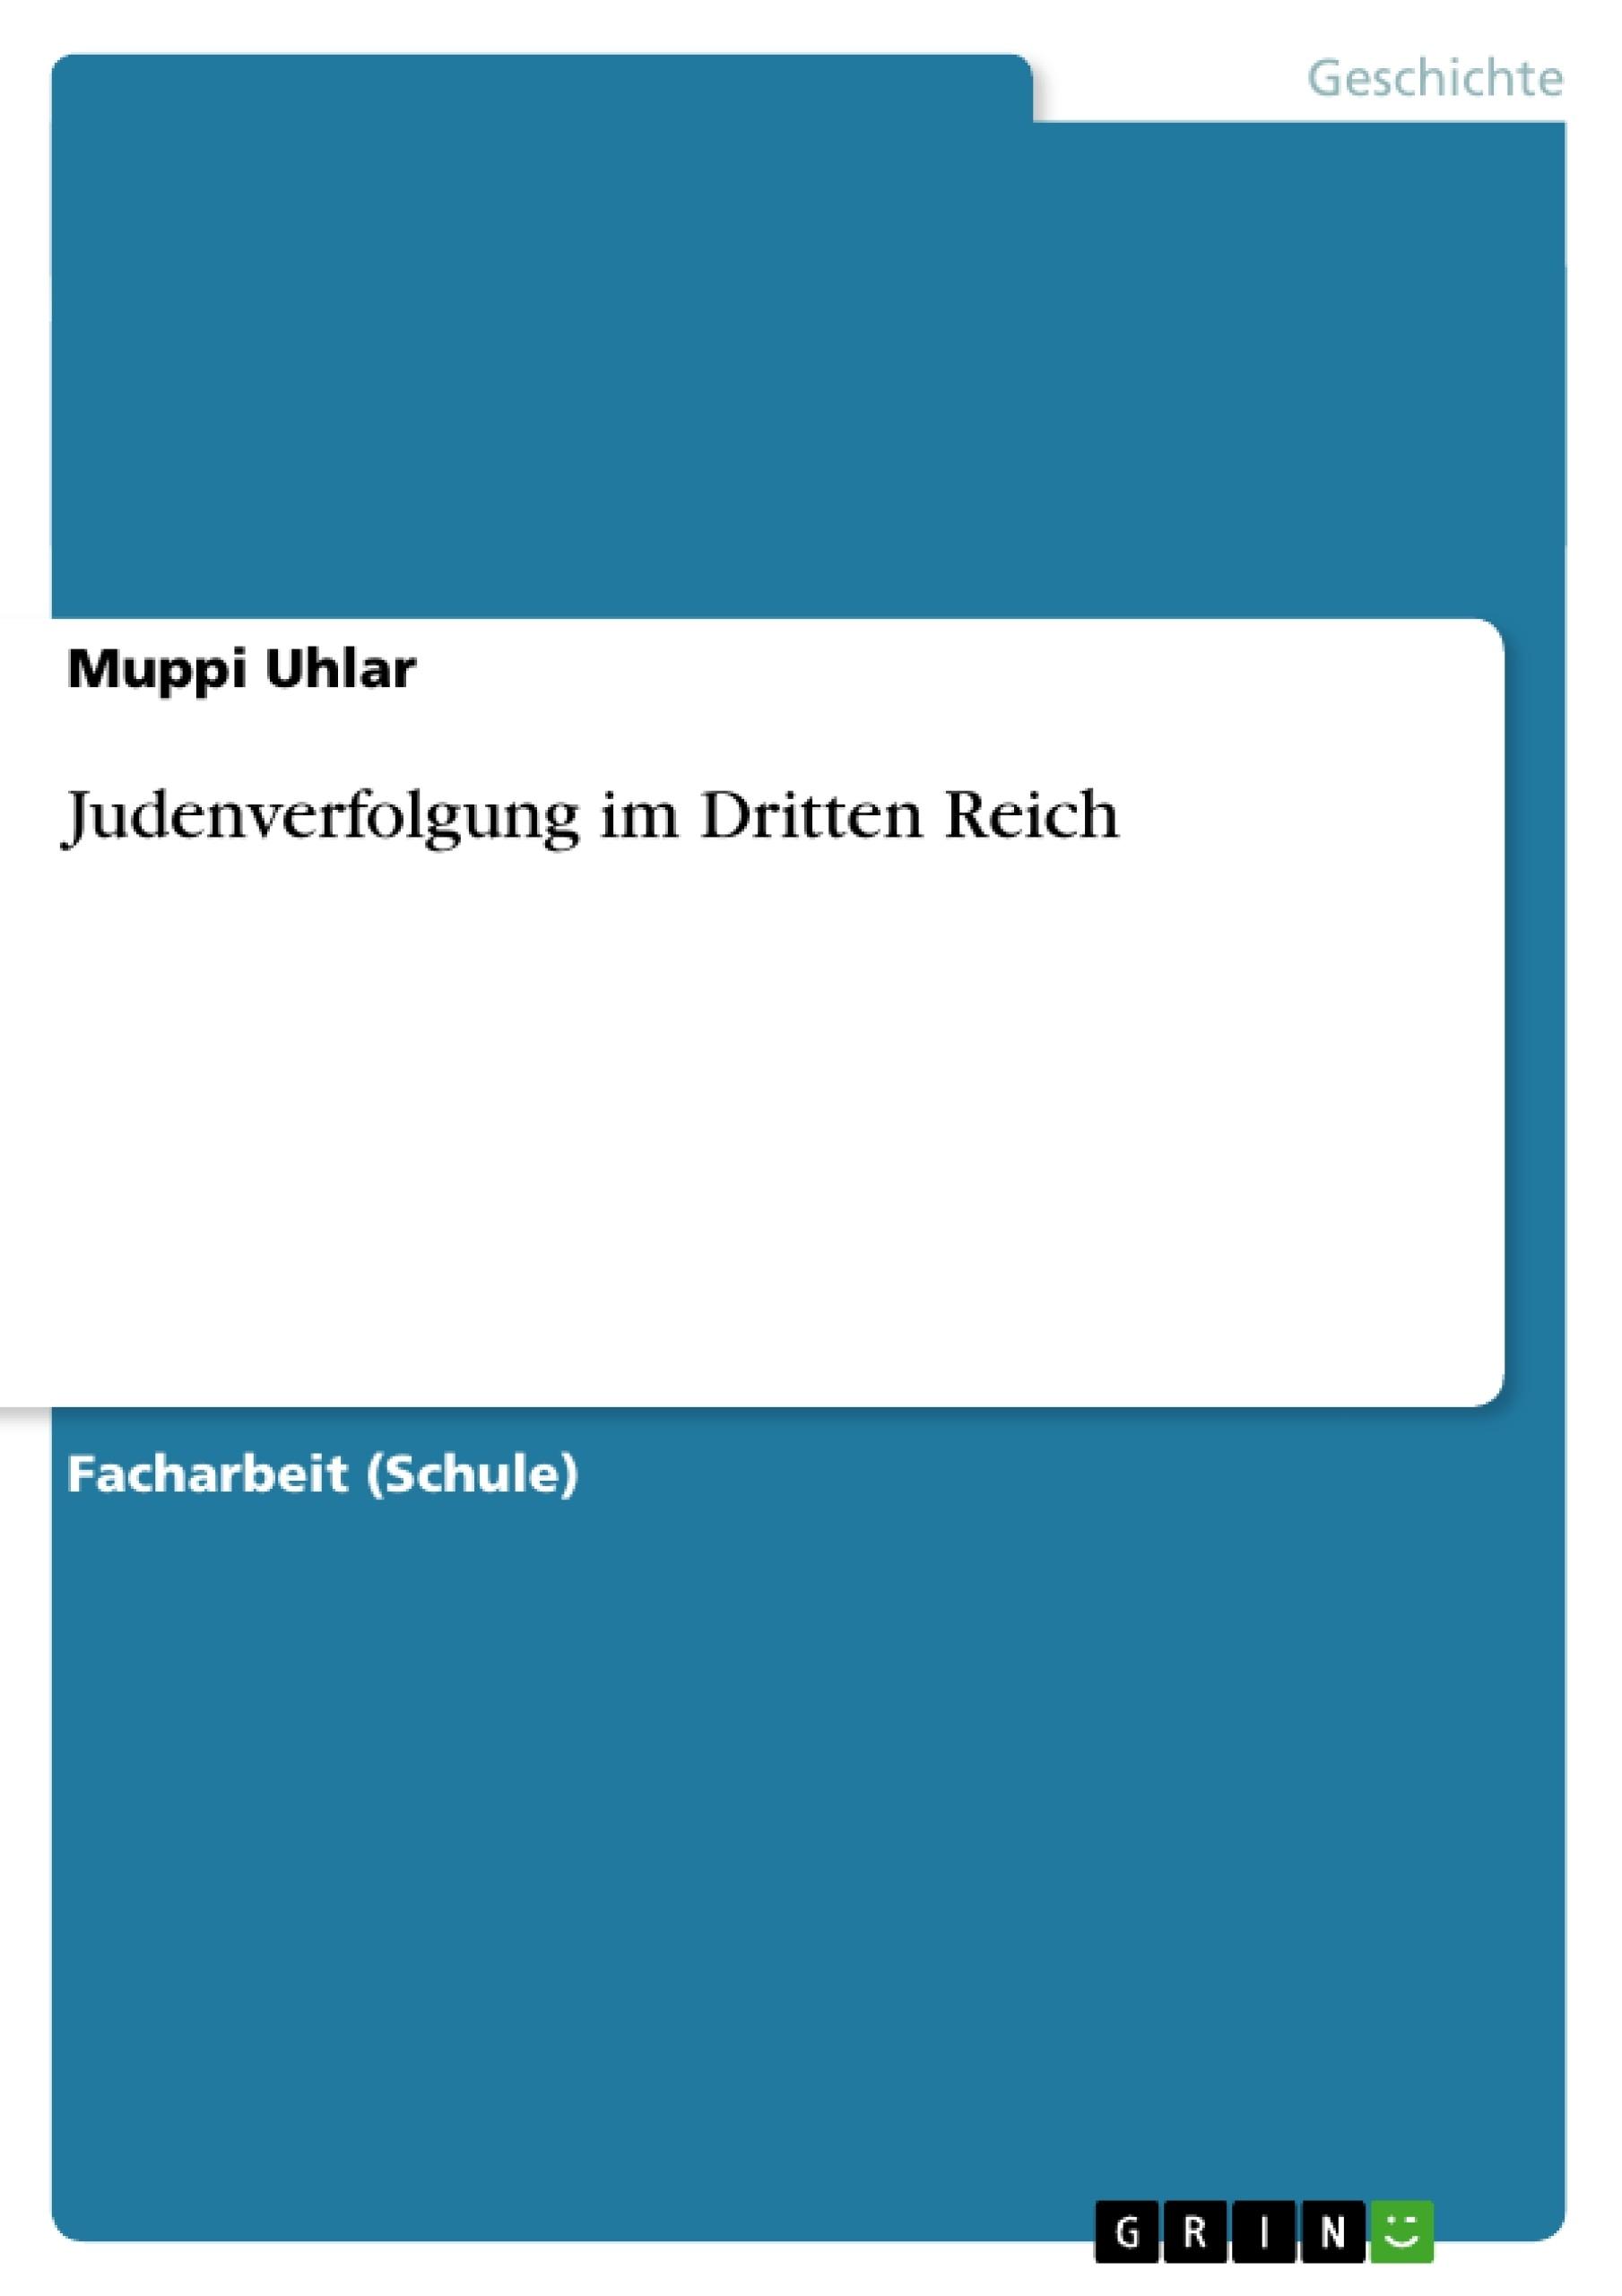 Titel: Judenverfolgung im Dritten Reich